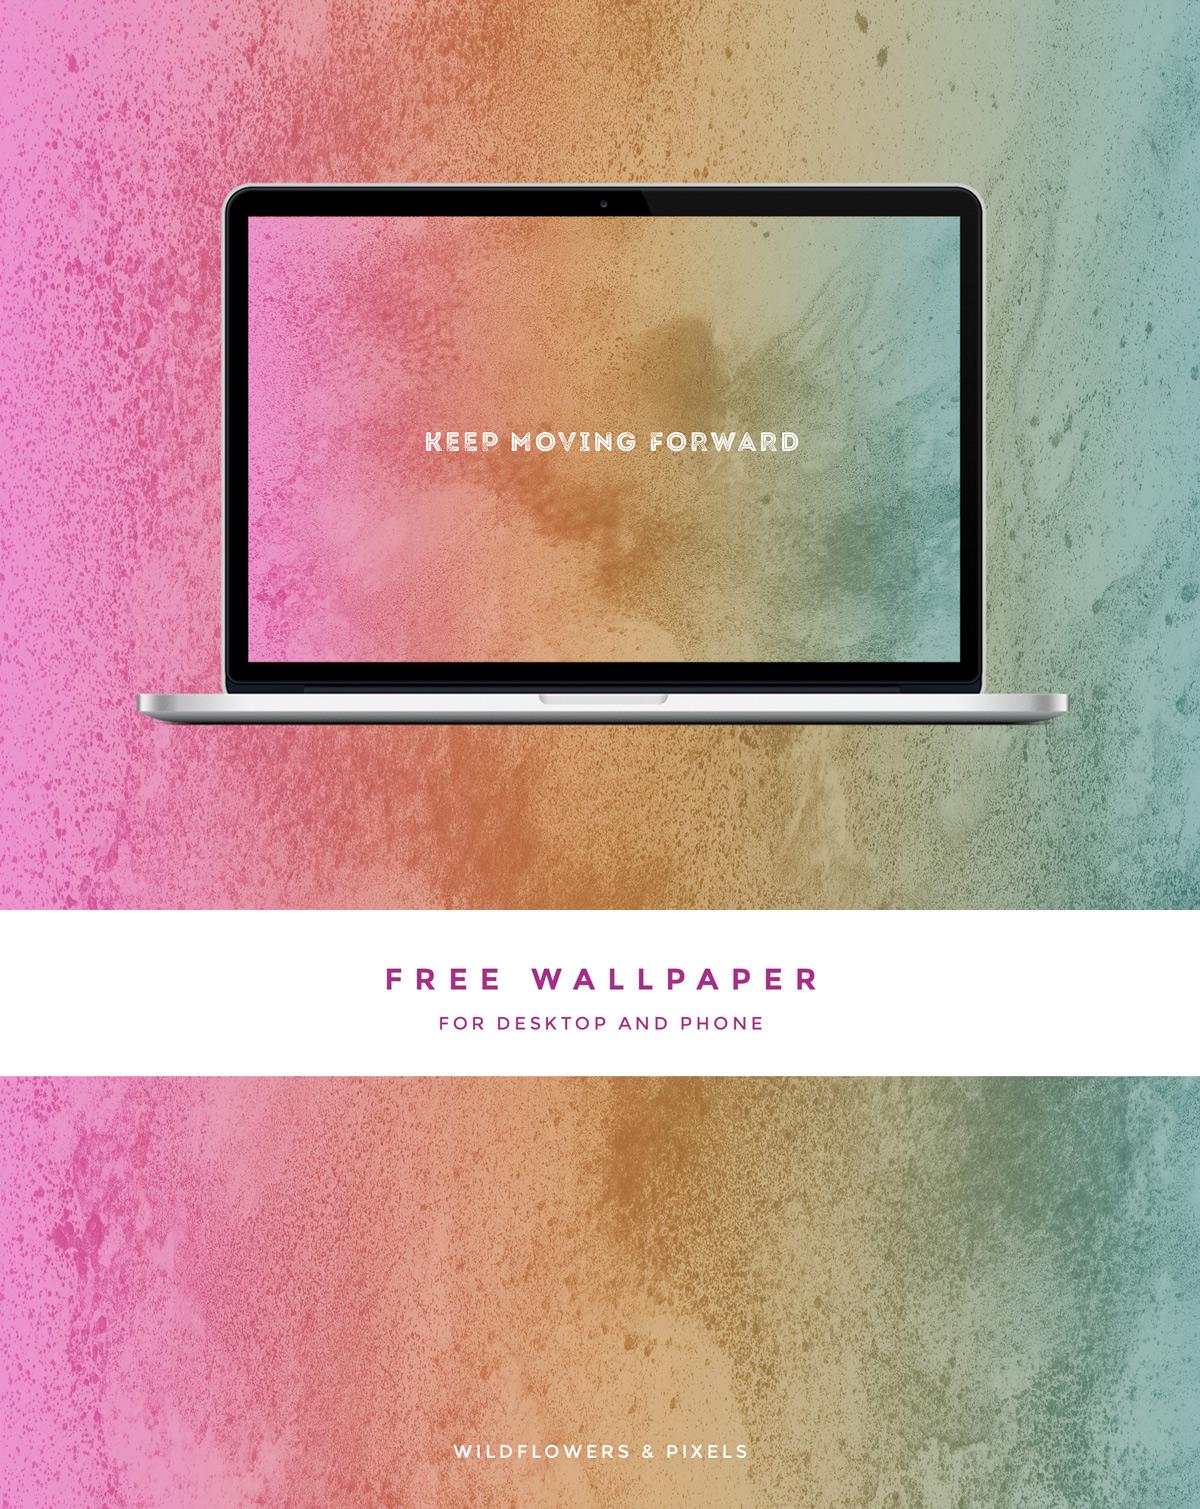 Keep Moving Forward Free Wallpaper